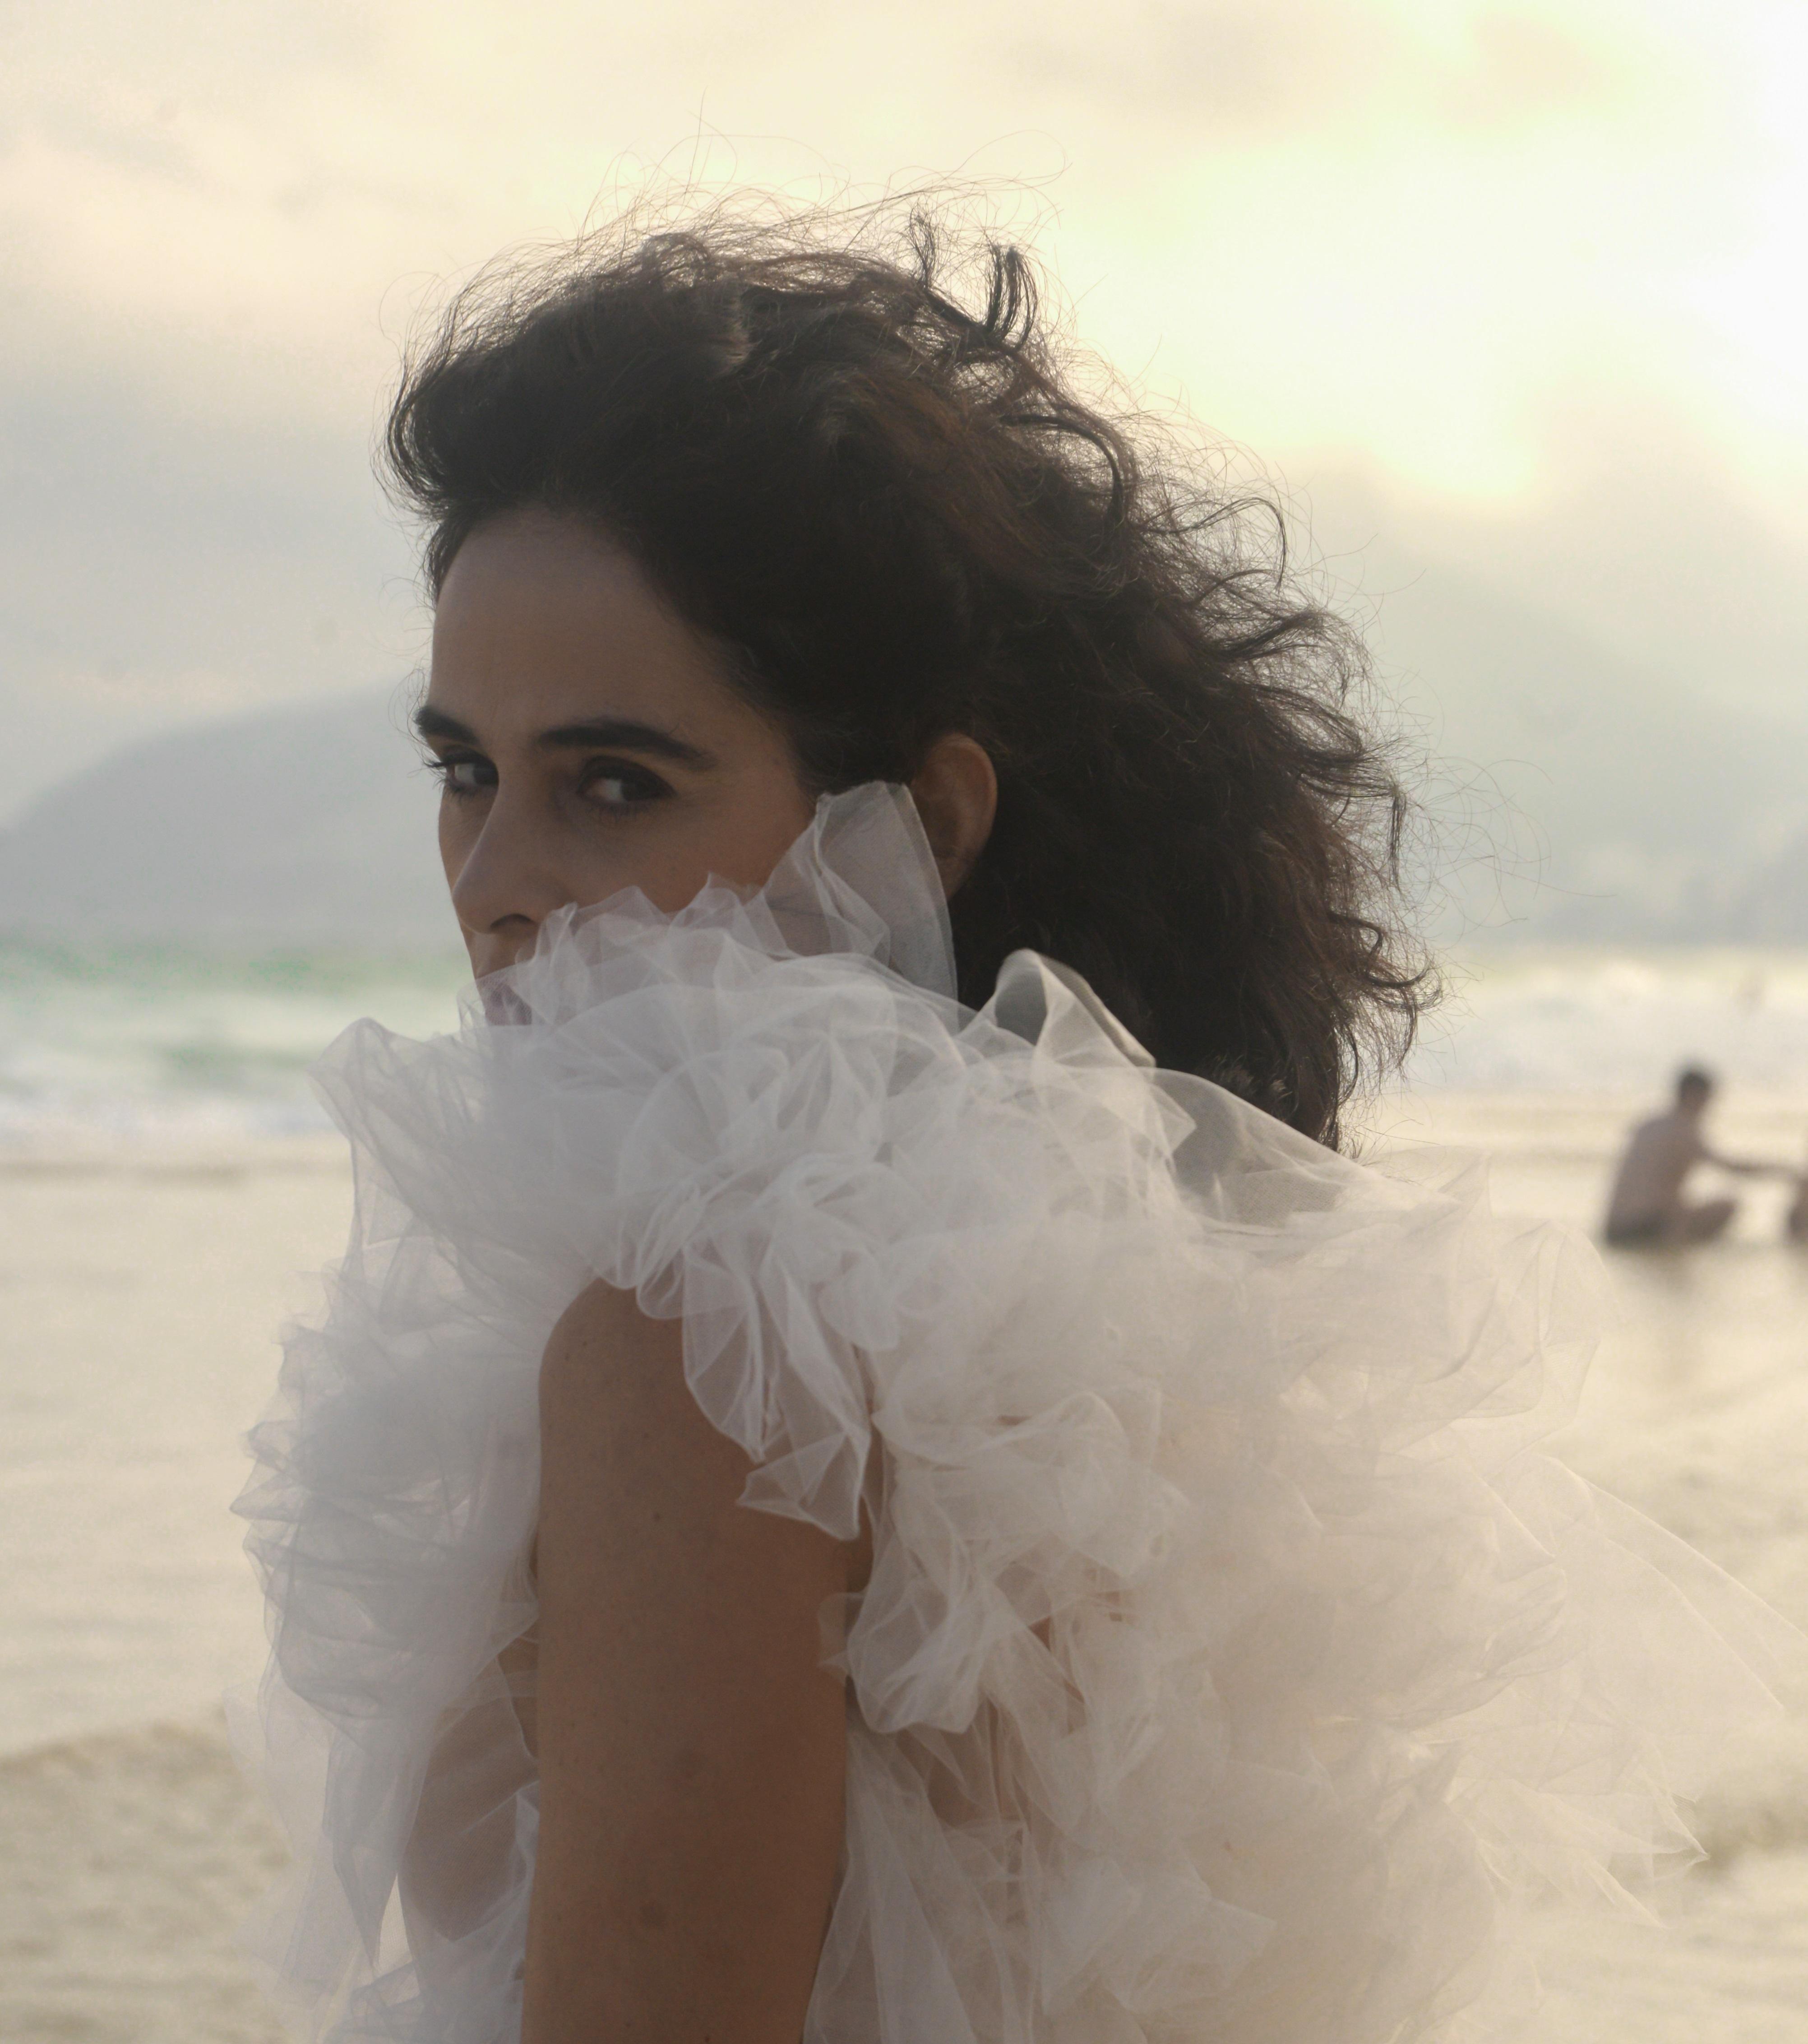 Faixa-a-faixa do novo álbum de Mariana de Moraes